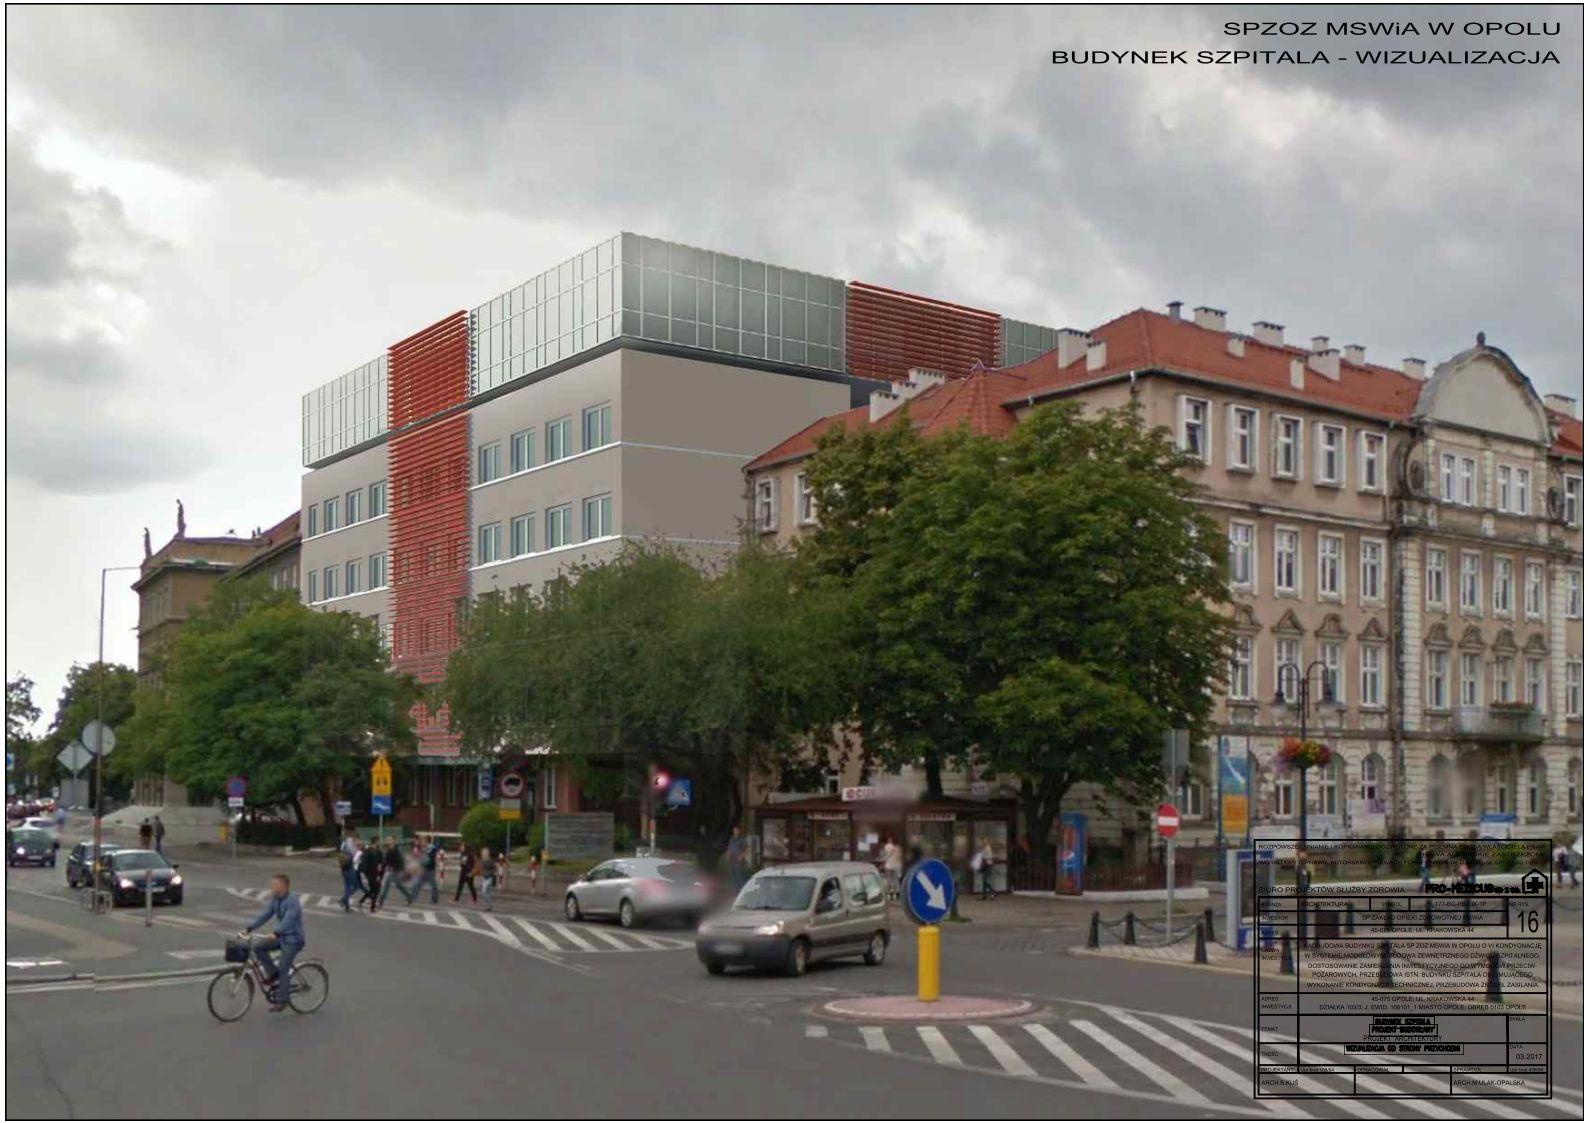 Climatic wykona w systemie budownictwa modułowego nadbudowę szpitala MSWiA w Opolu